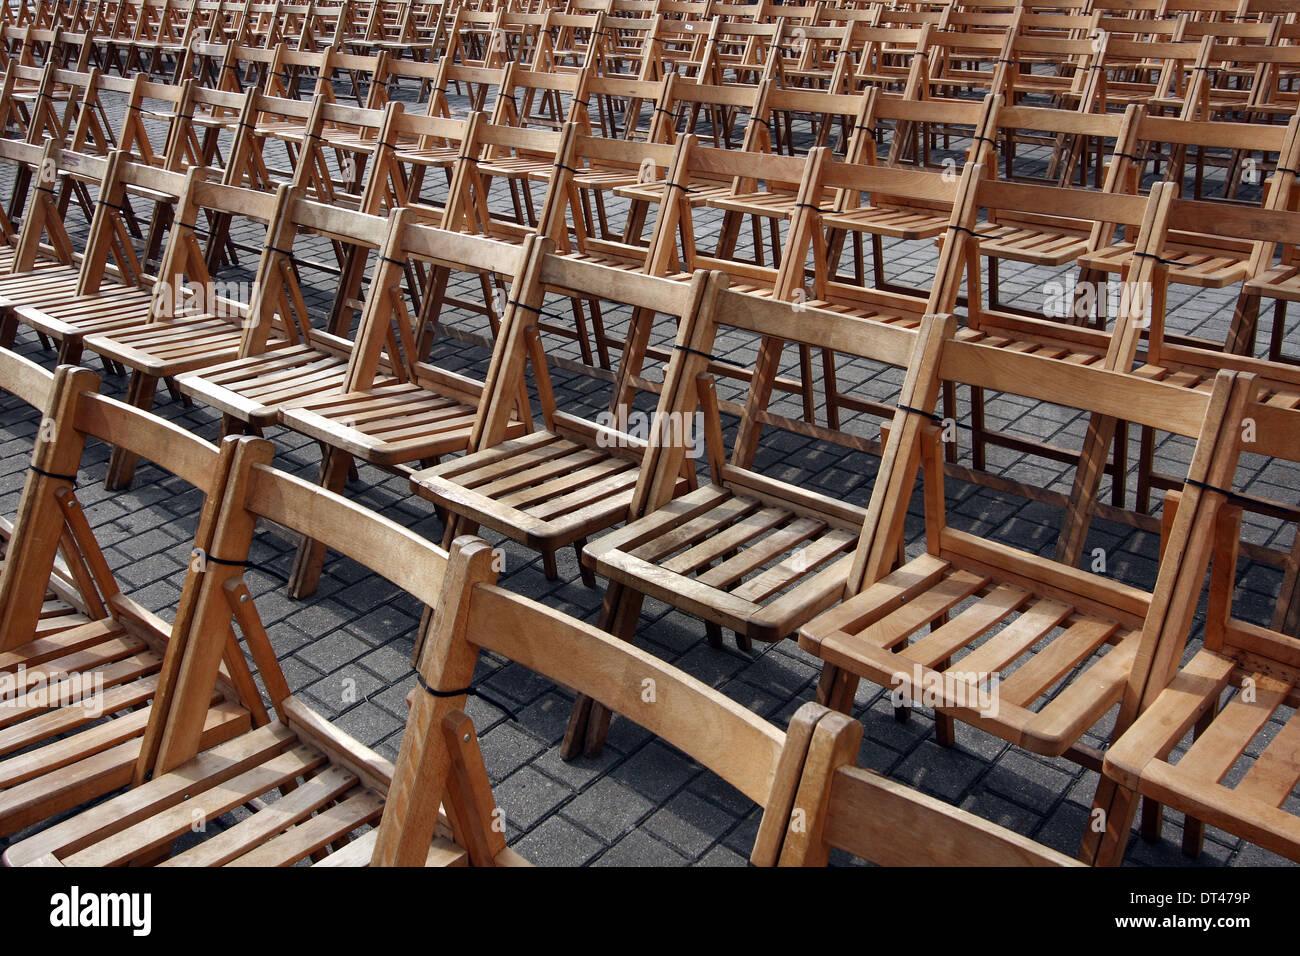 Sillas de madera preparada para el público antes de un espectáculo Imagen De Stock